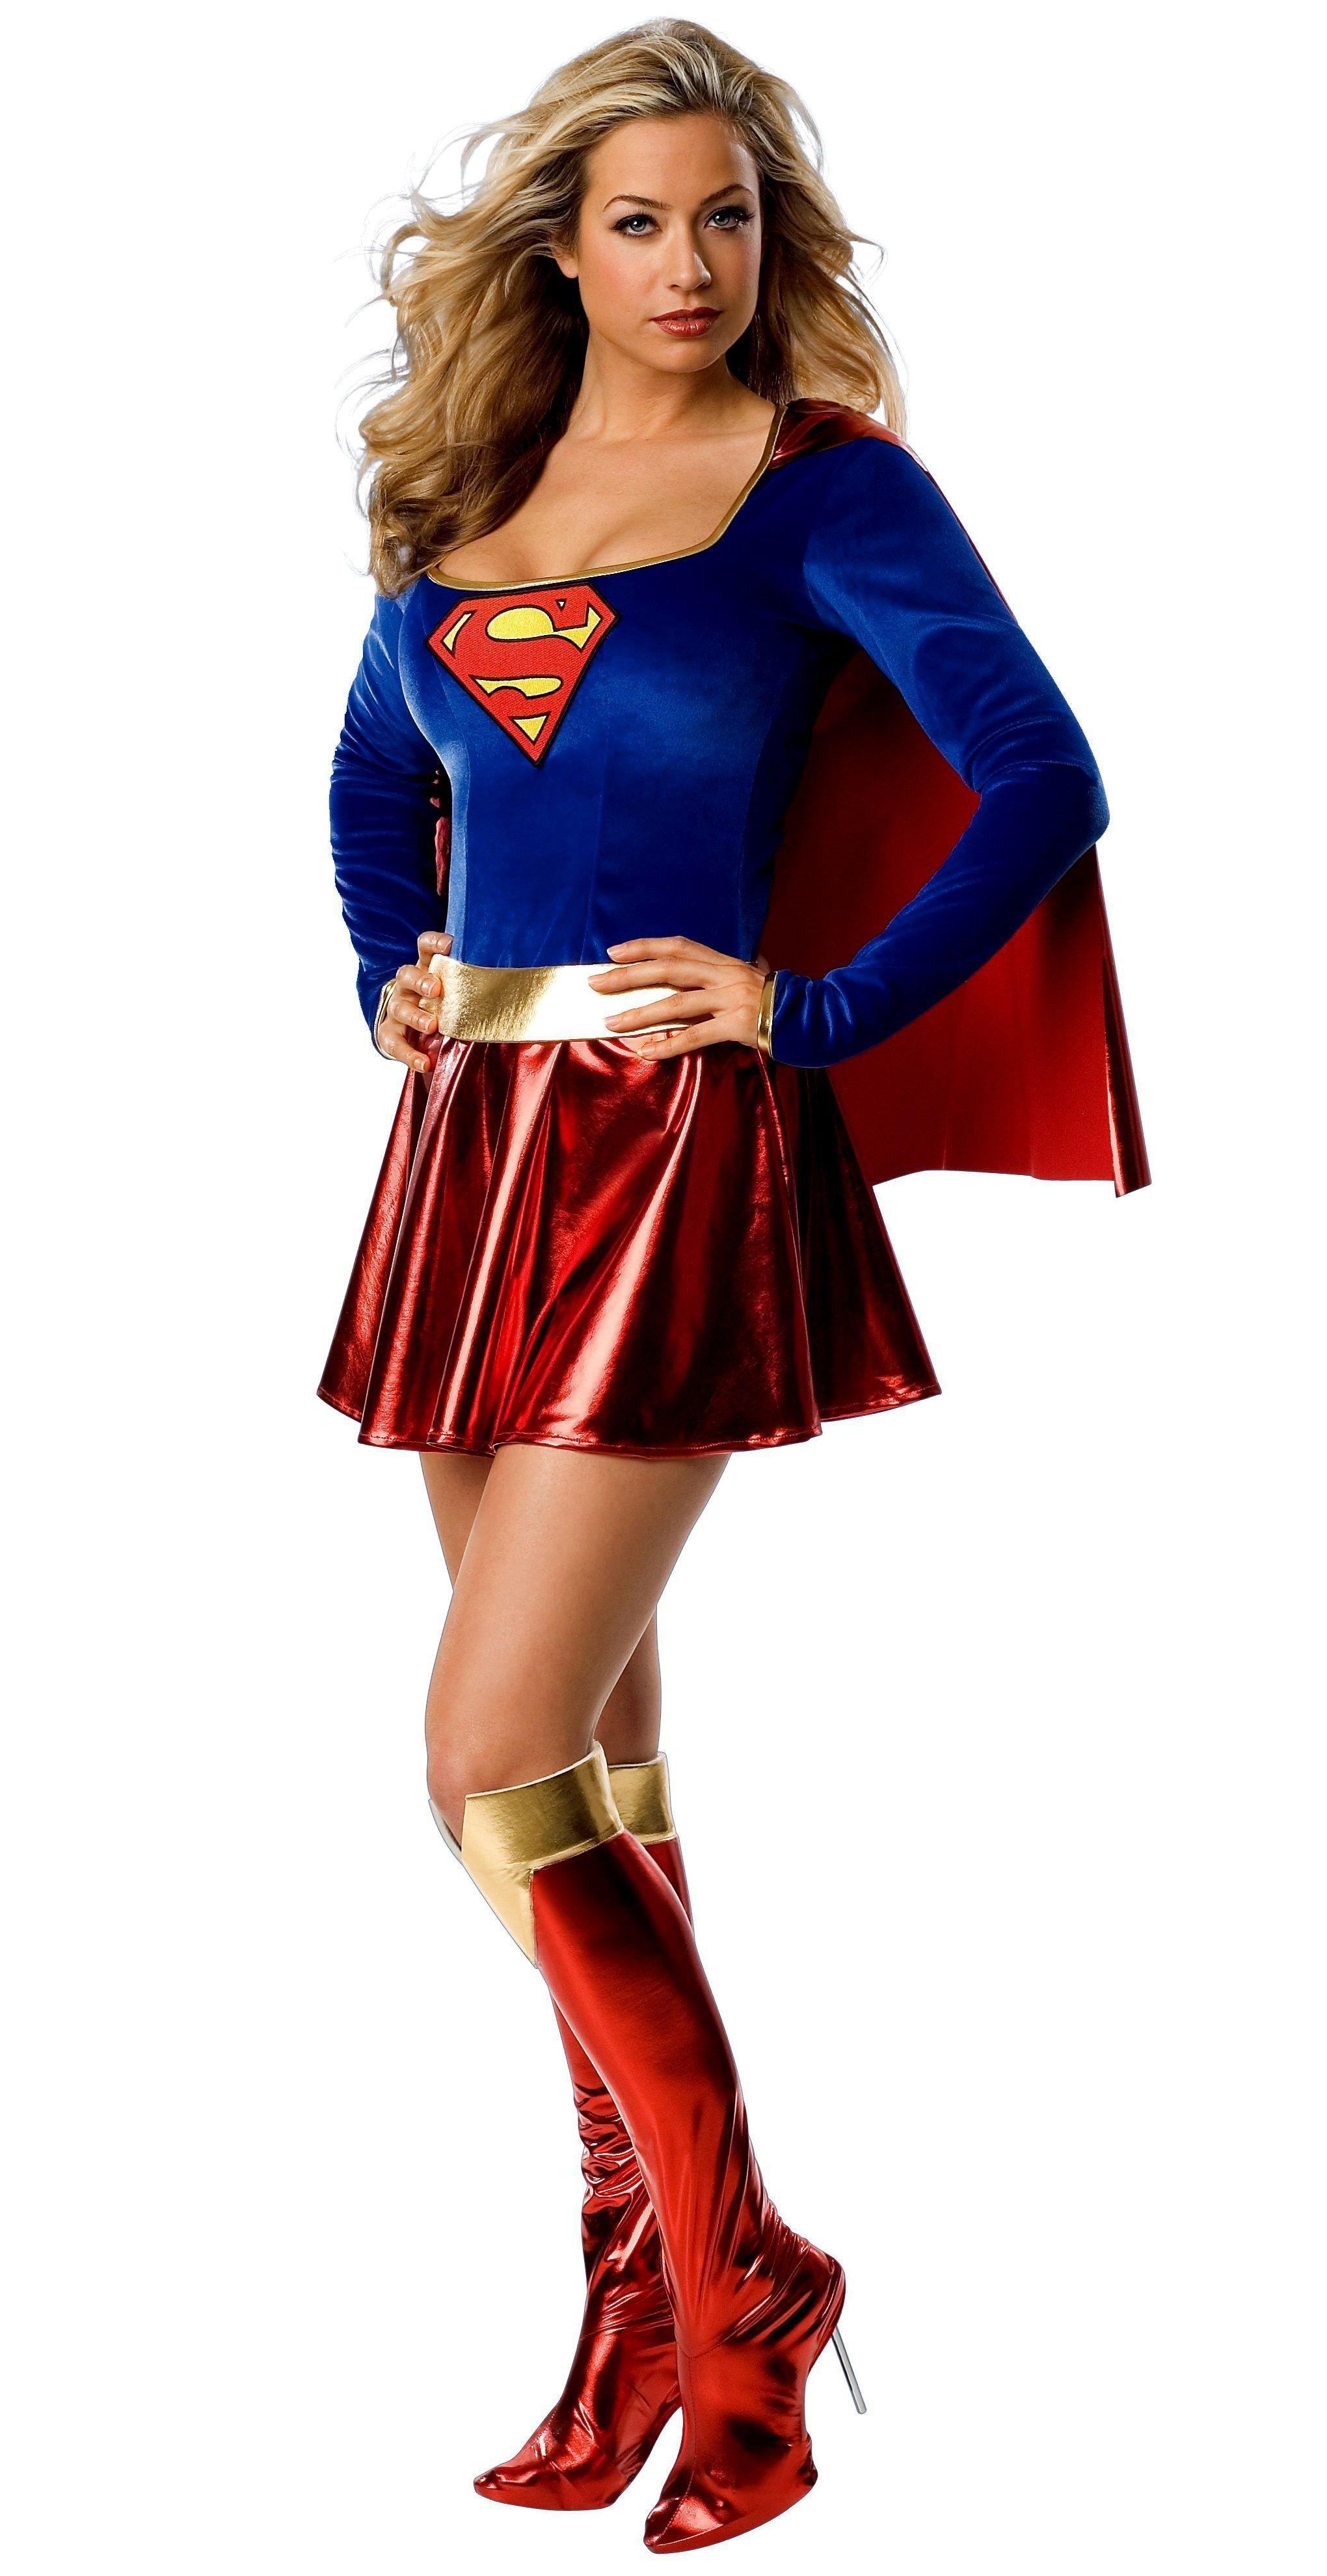 Костюм супер девушки (46-48) костюм красотки канкана 46 48